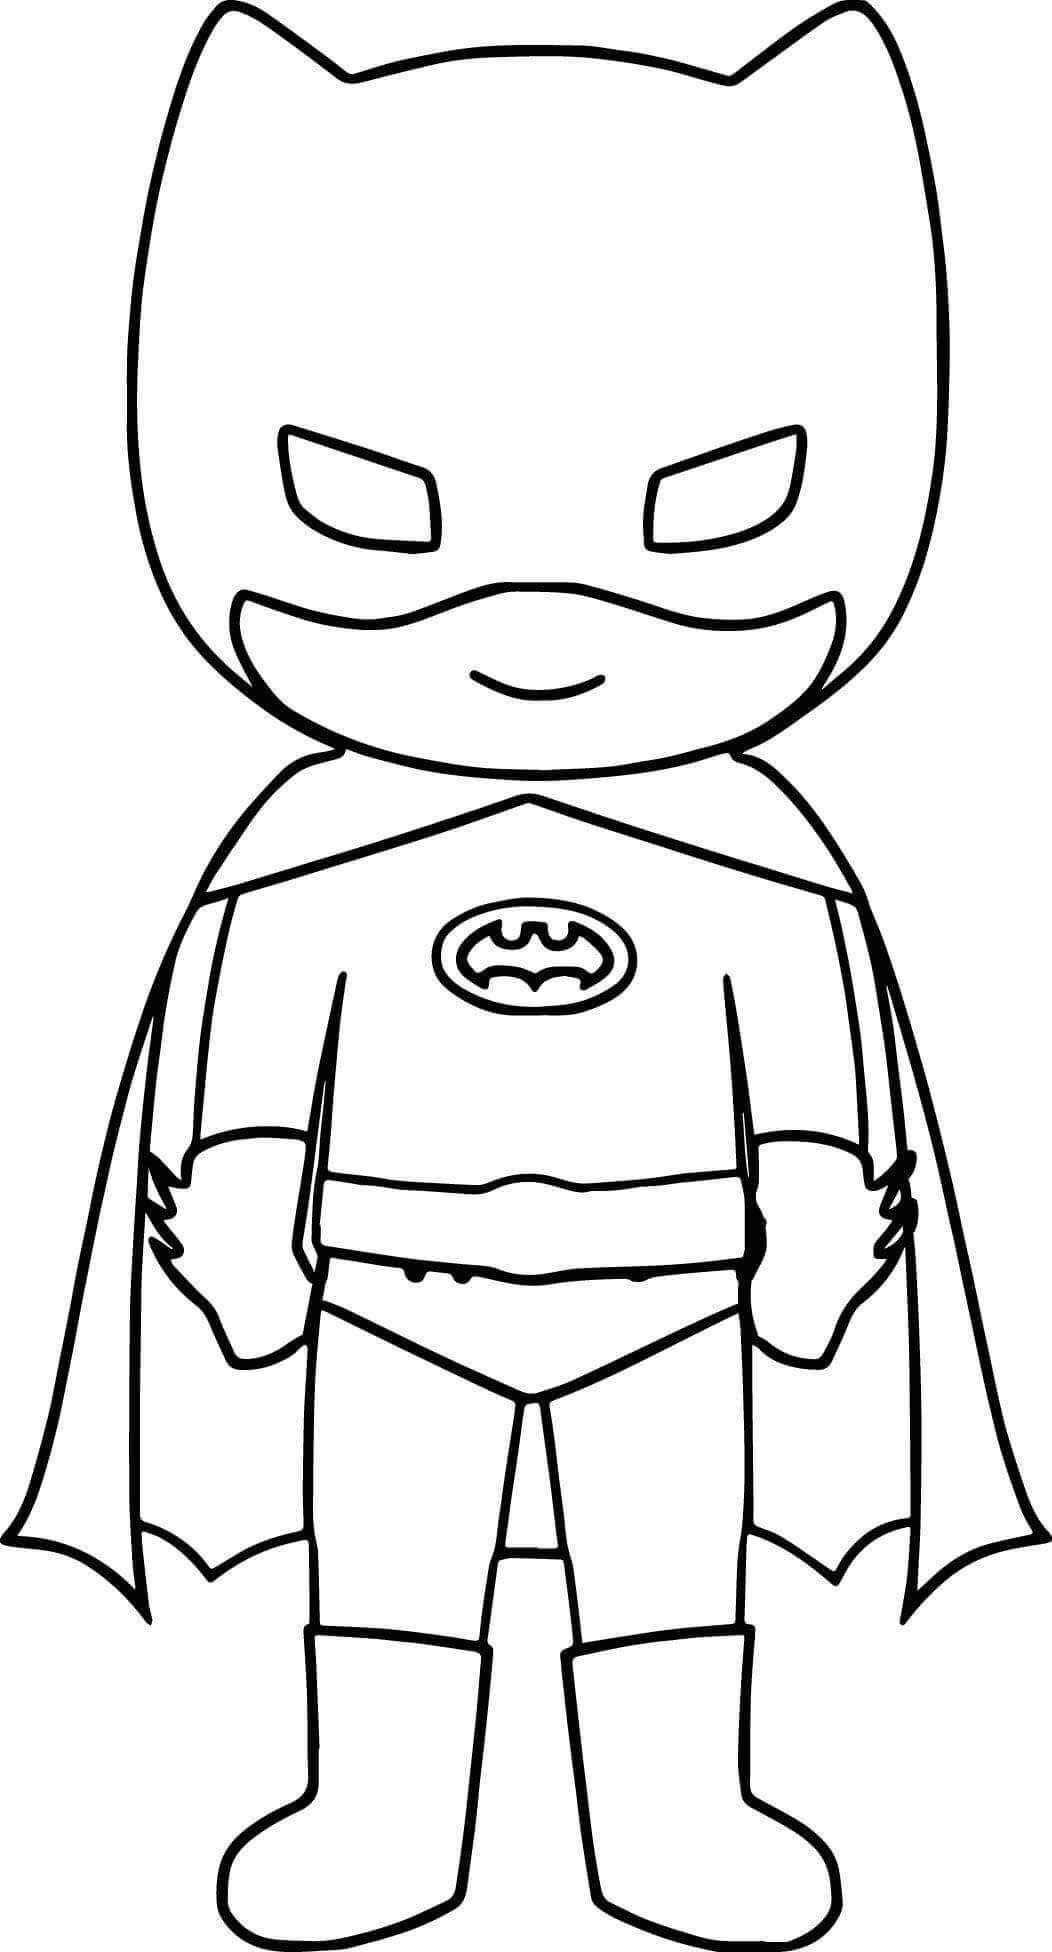 Superhero Batman Coloring Page Batman Coloring Pages Super Hero Coloring Sheets Superhero Coloring Pages